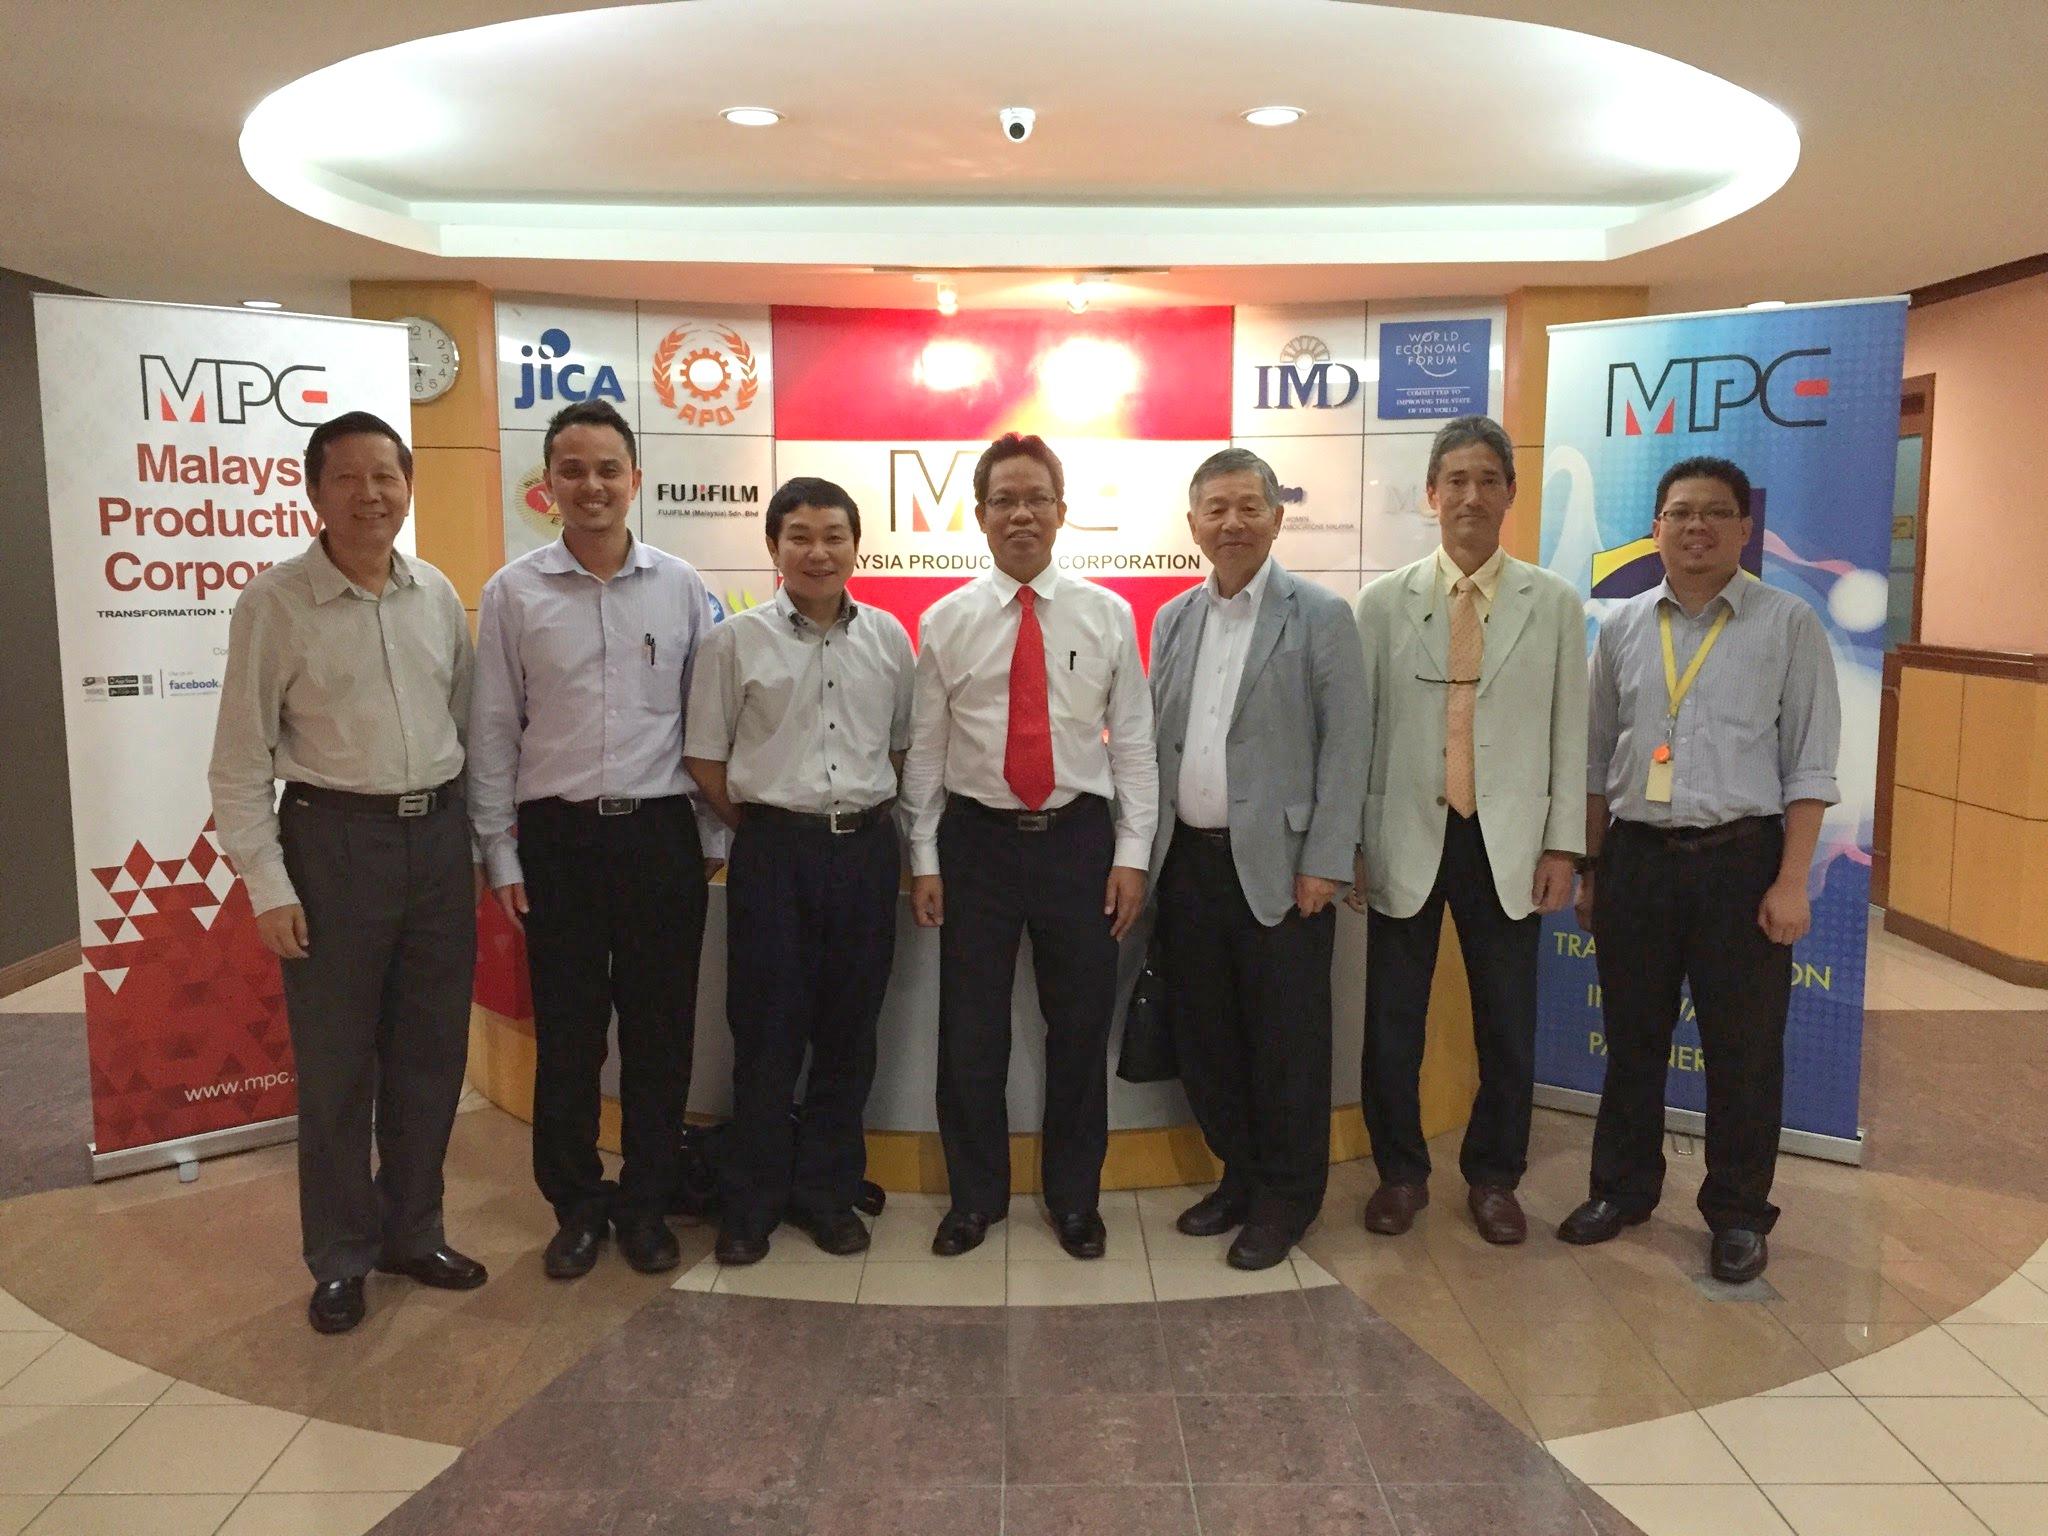 マレーシアの産業界の中核国営企業「MPC」テレビ会議システムFreshVoiceを全面採用